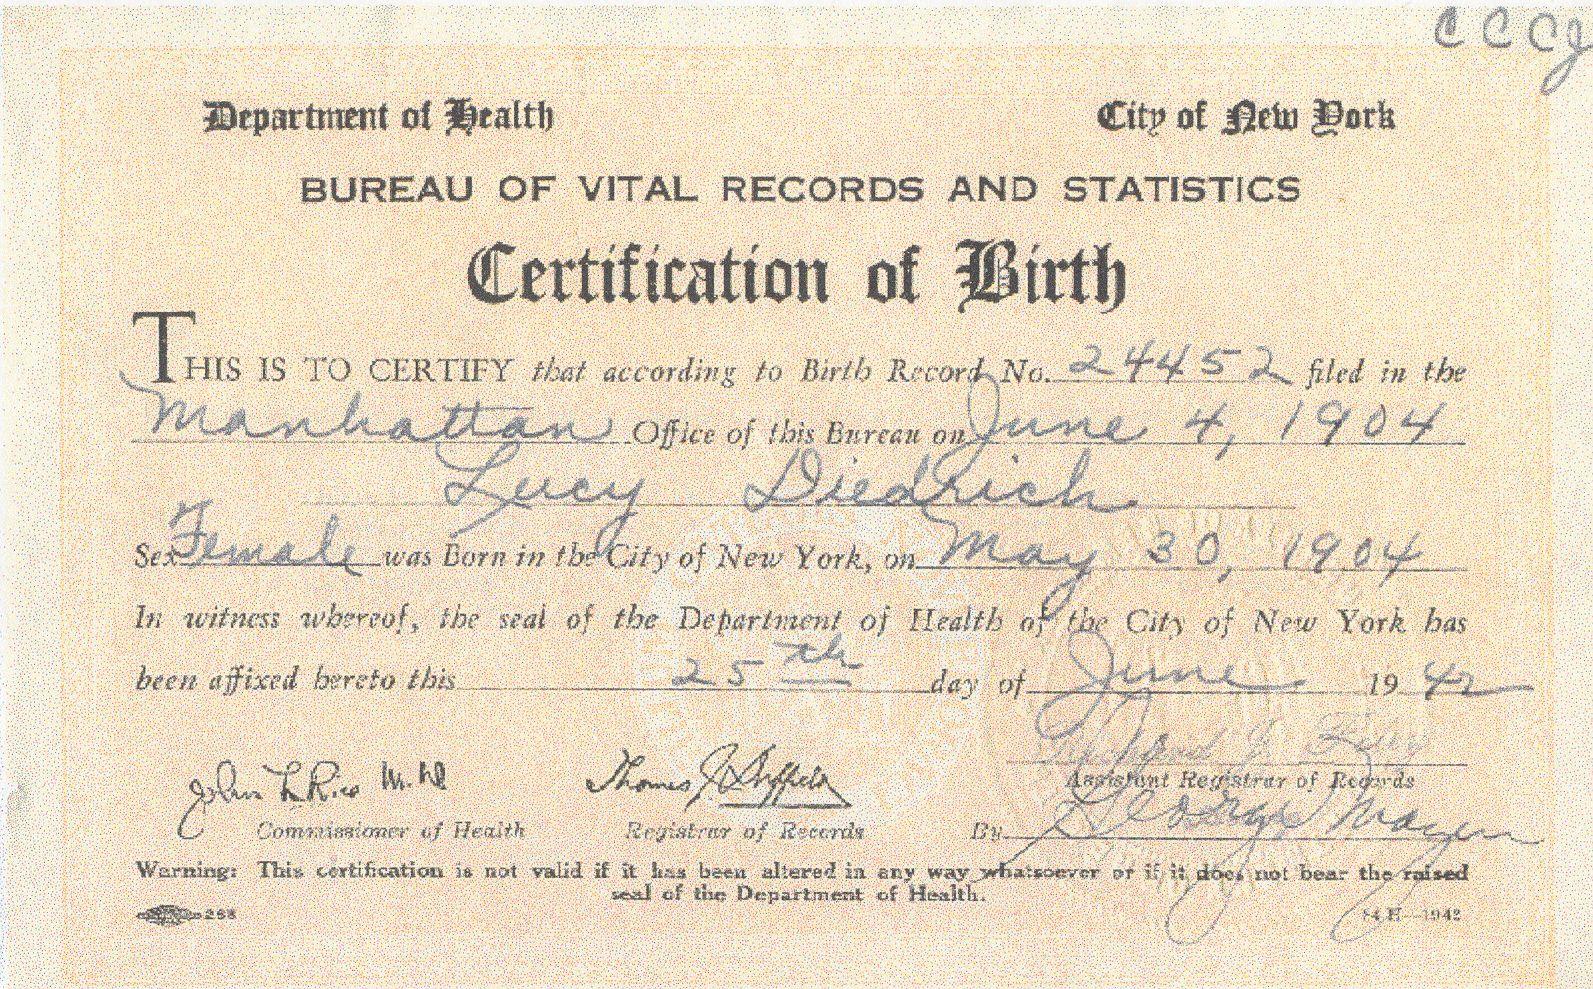 Lucy Diedrich Birth Certificate New York Dietrich Diedrich